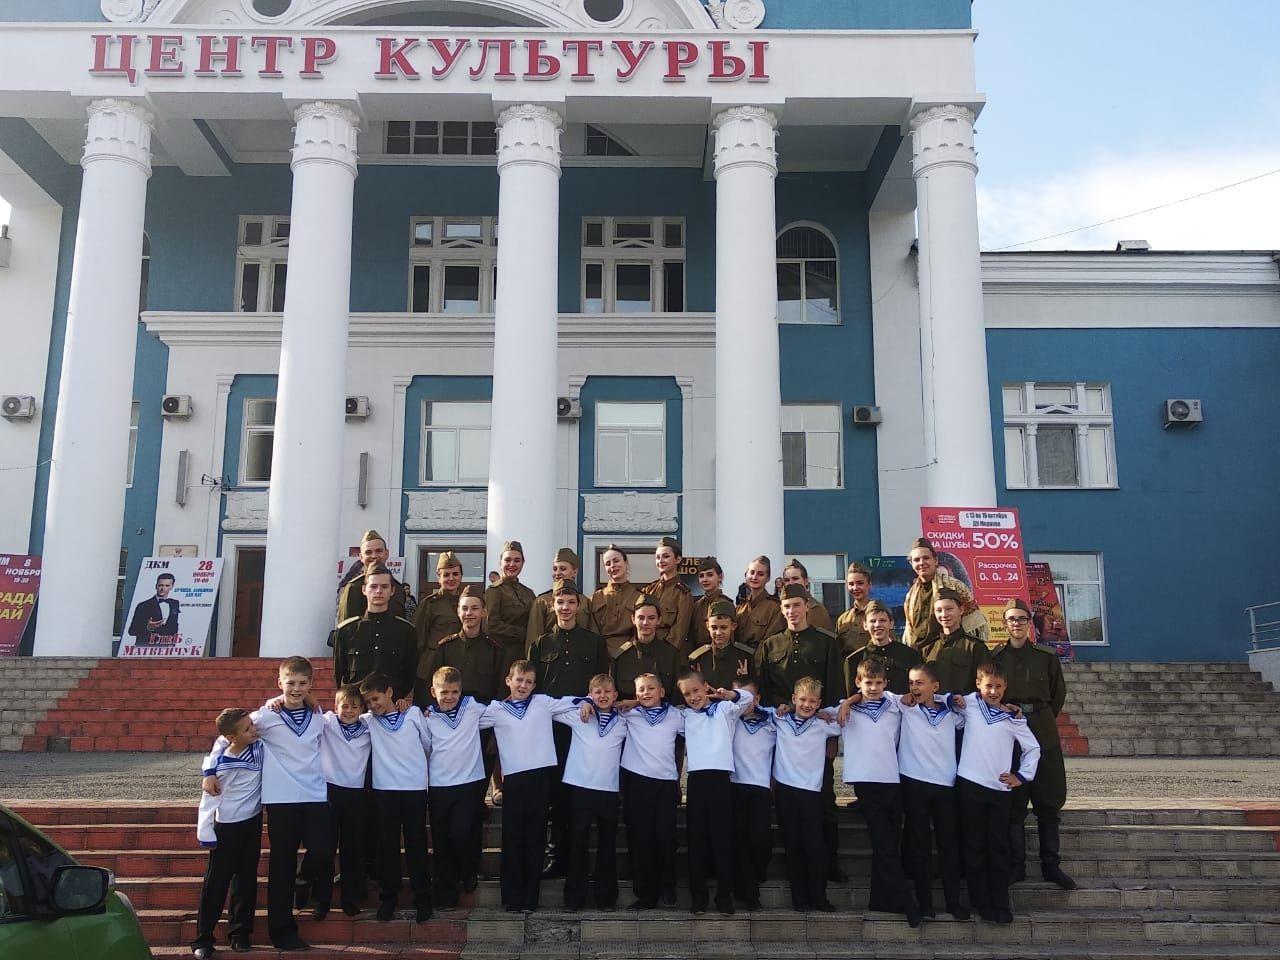 Народный хореографический коллектив «Романтика».